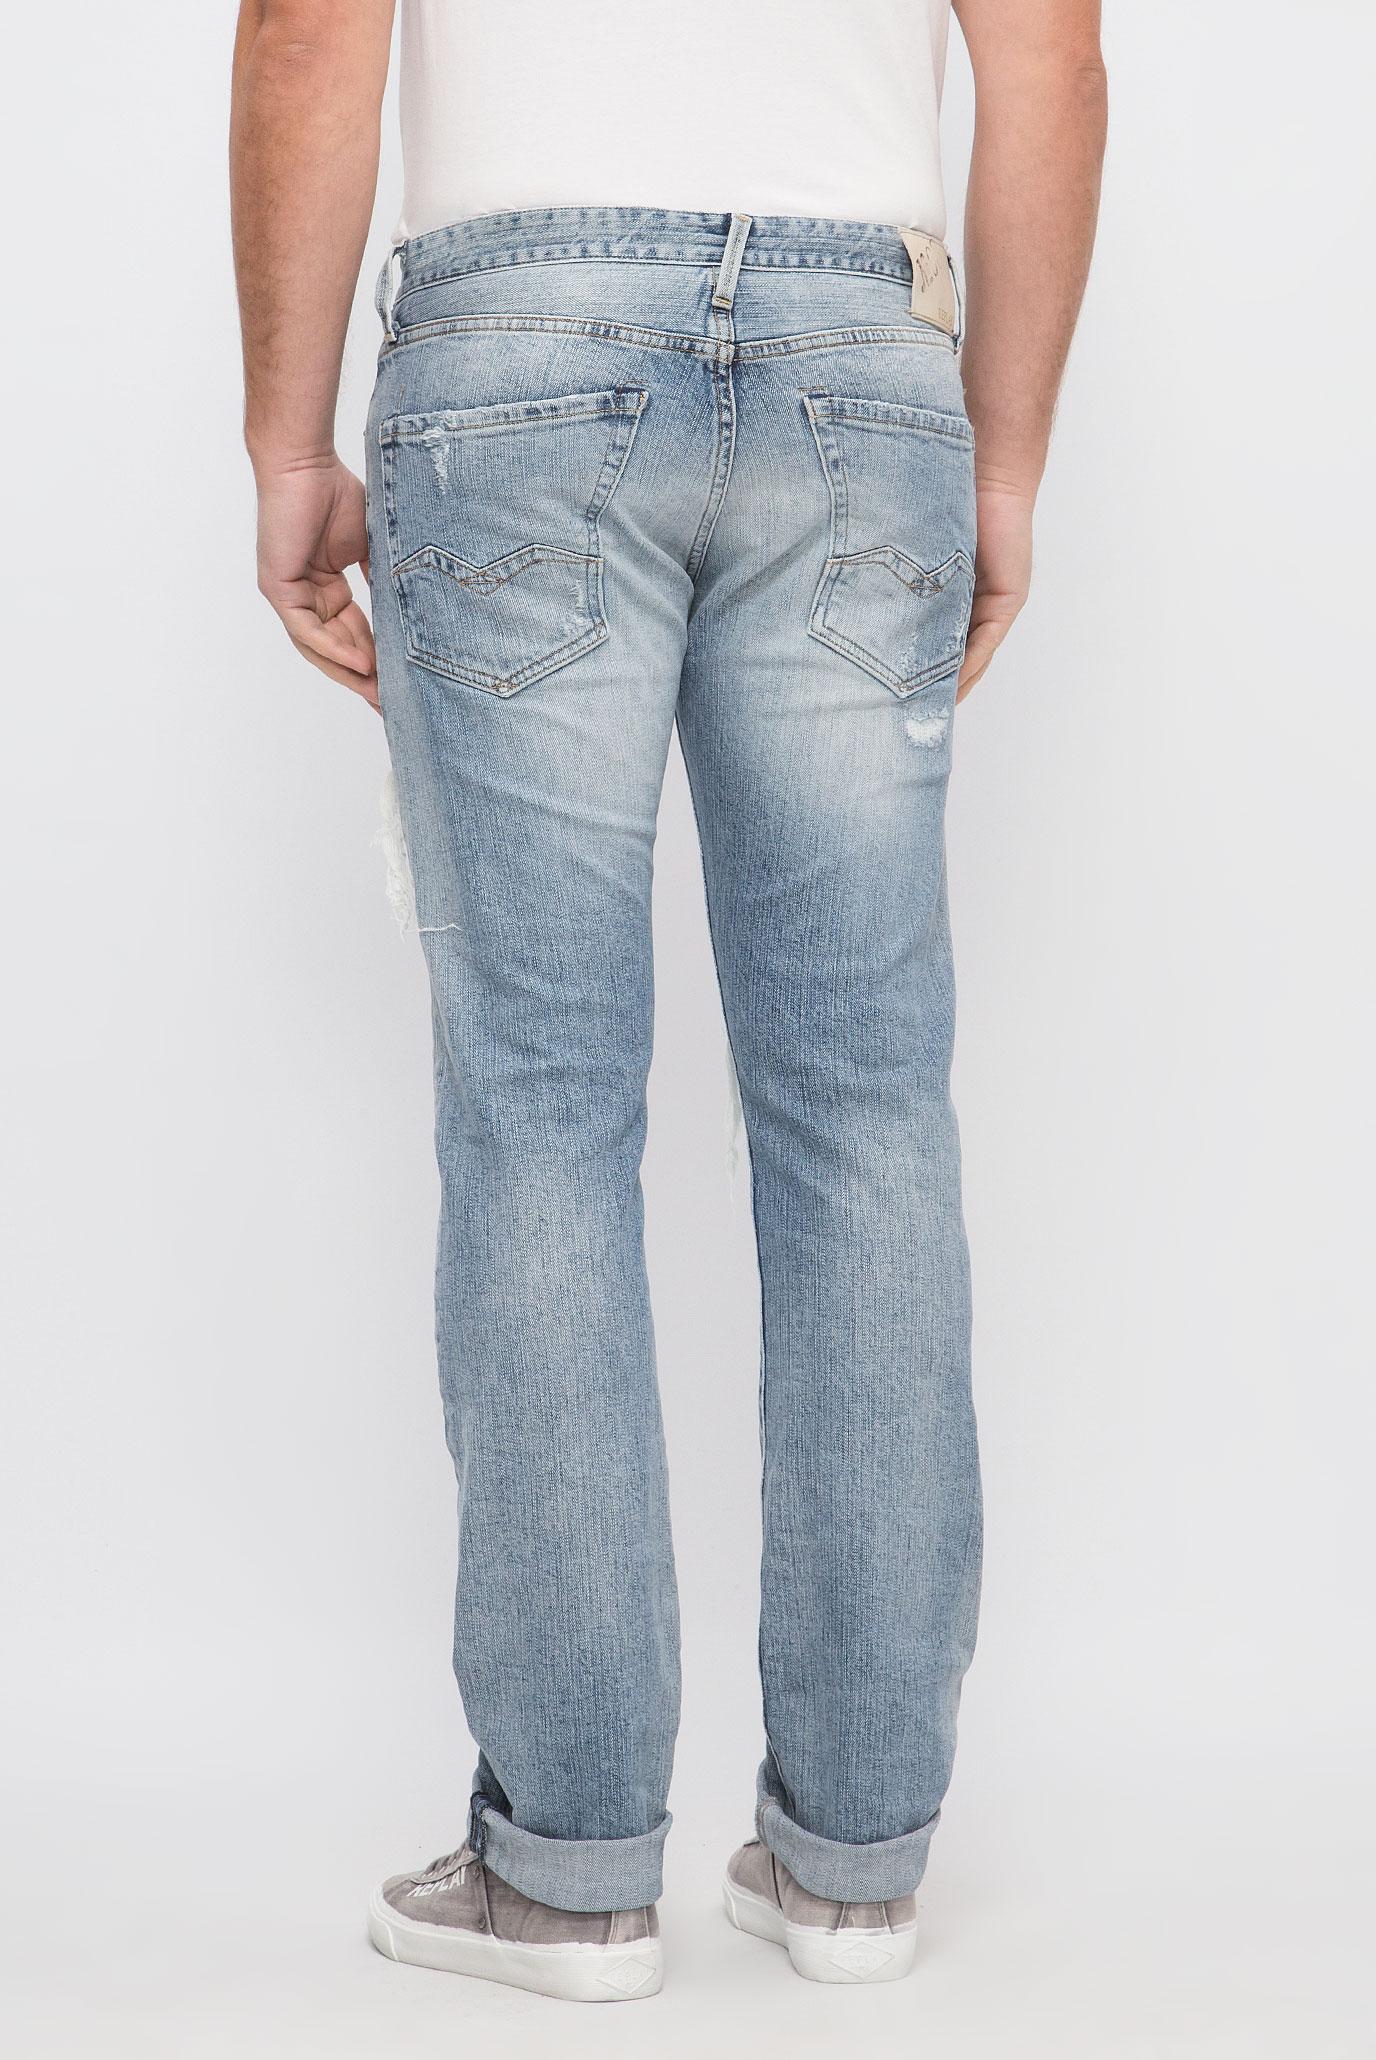 Купить Мужские голубые джинсы WAITOM Replay Replay M983  .000.99C 184 – Киев, Украина. Цены в интернет магазине MD Fashion